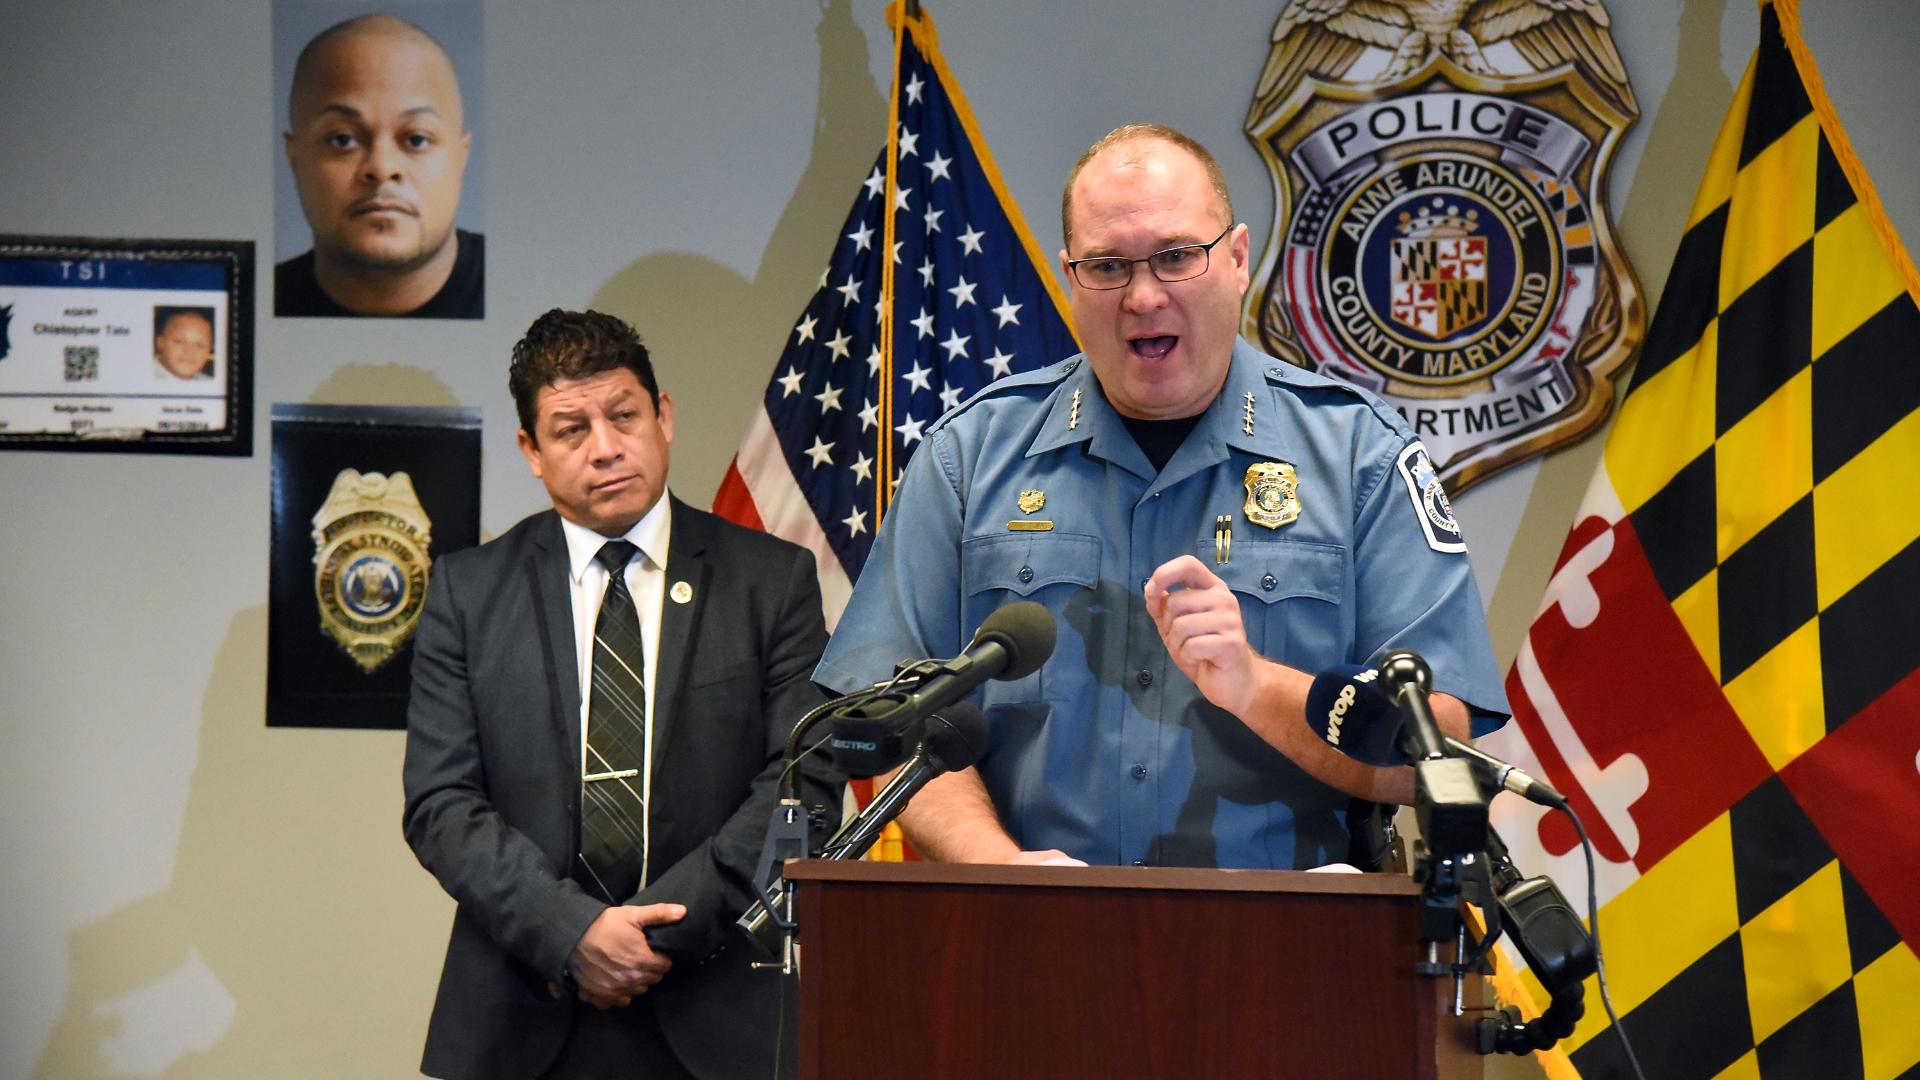 Anne Arundel police: Minnesota fugitive arrested for